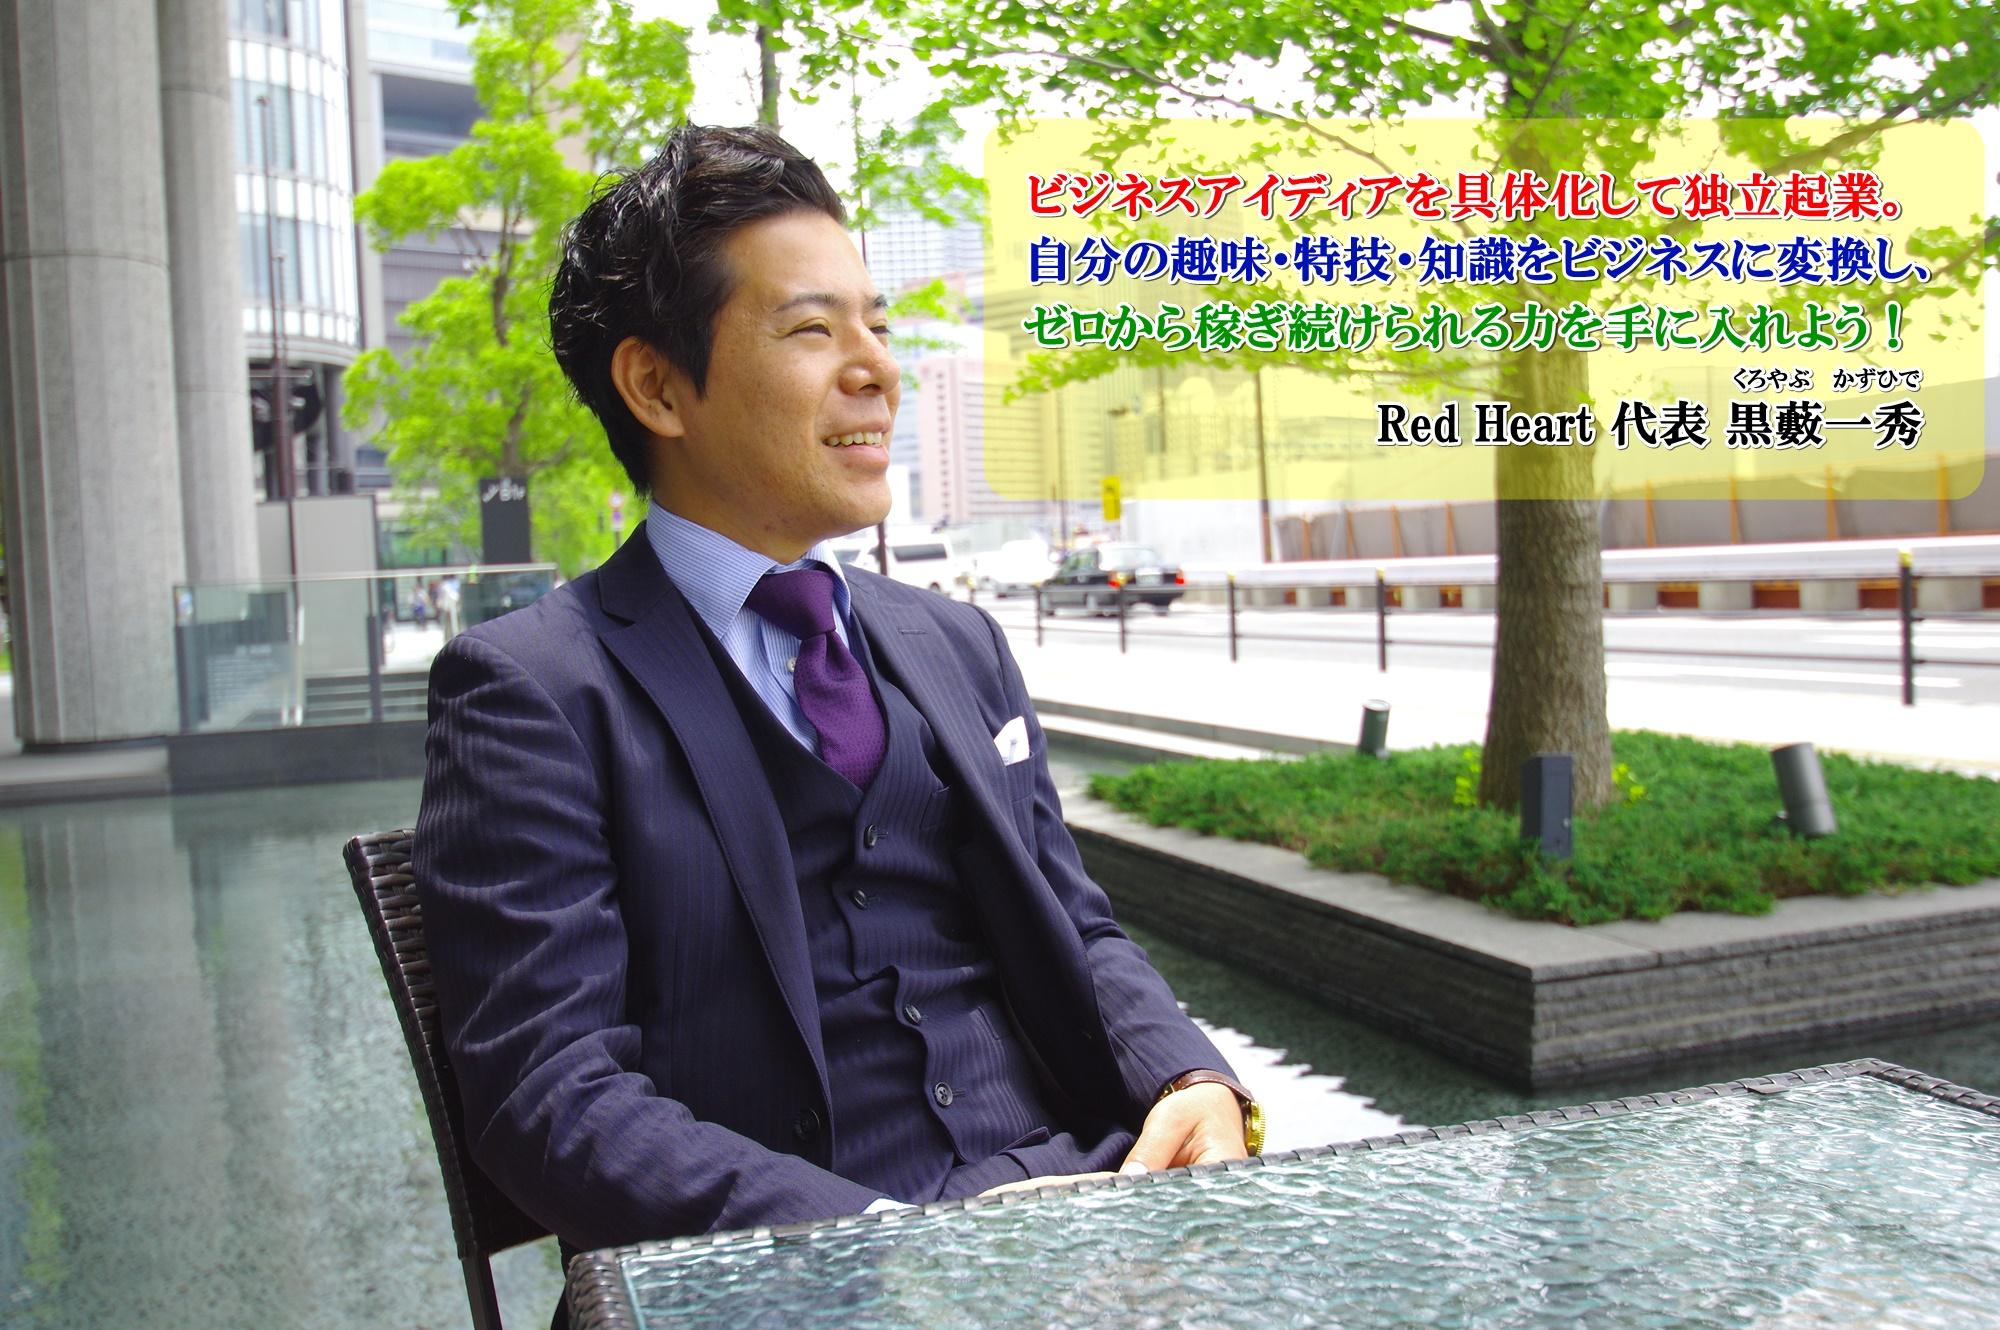 【ビジネス構築.com】自分の趣味・特技・知識で独立起業する方法